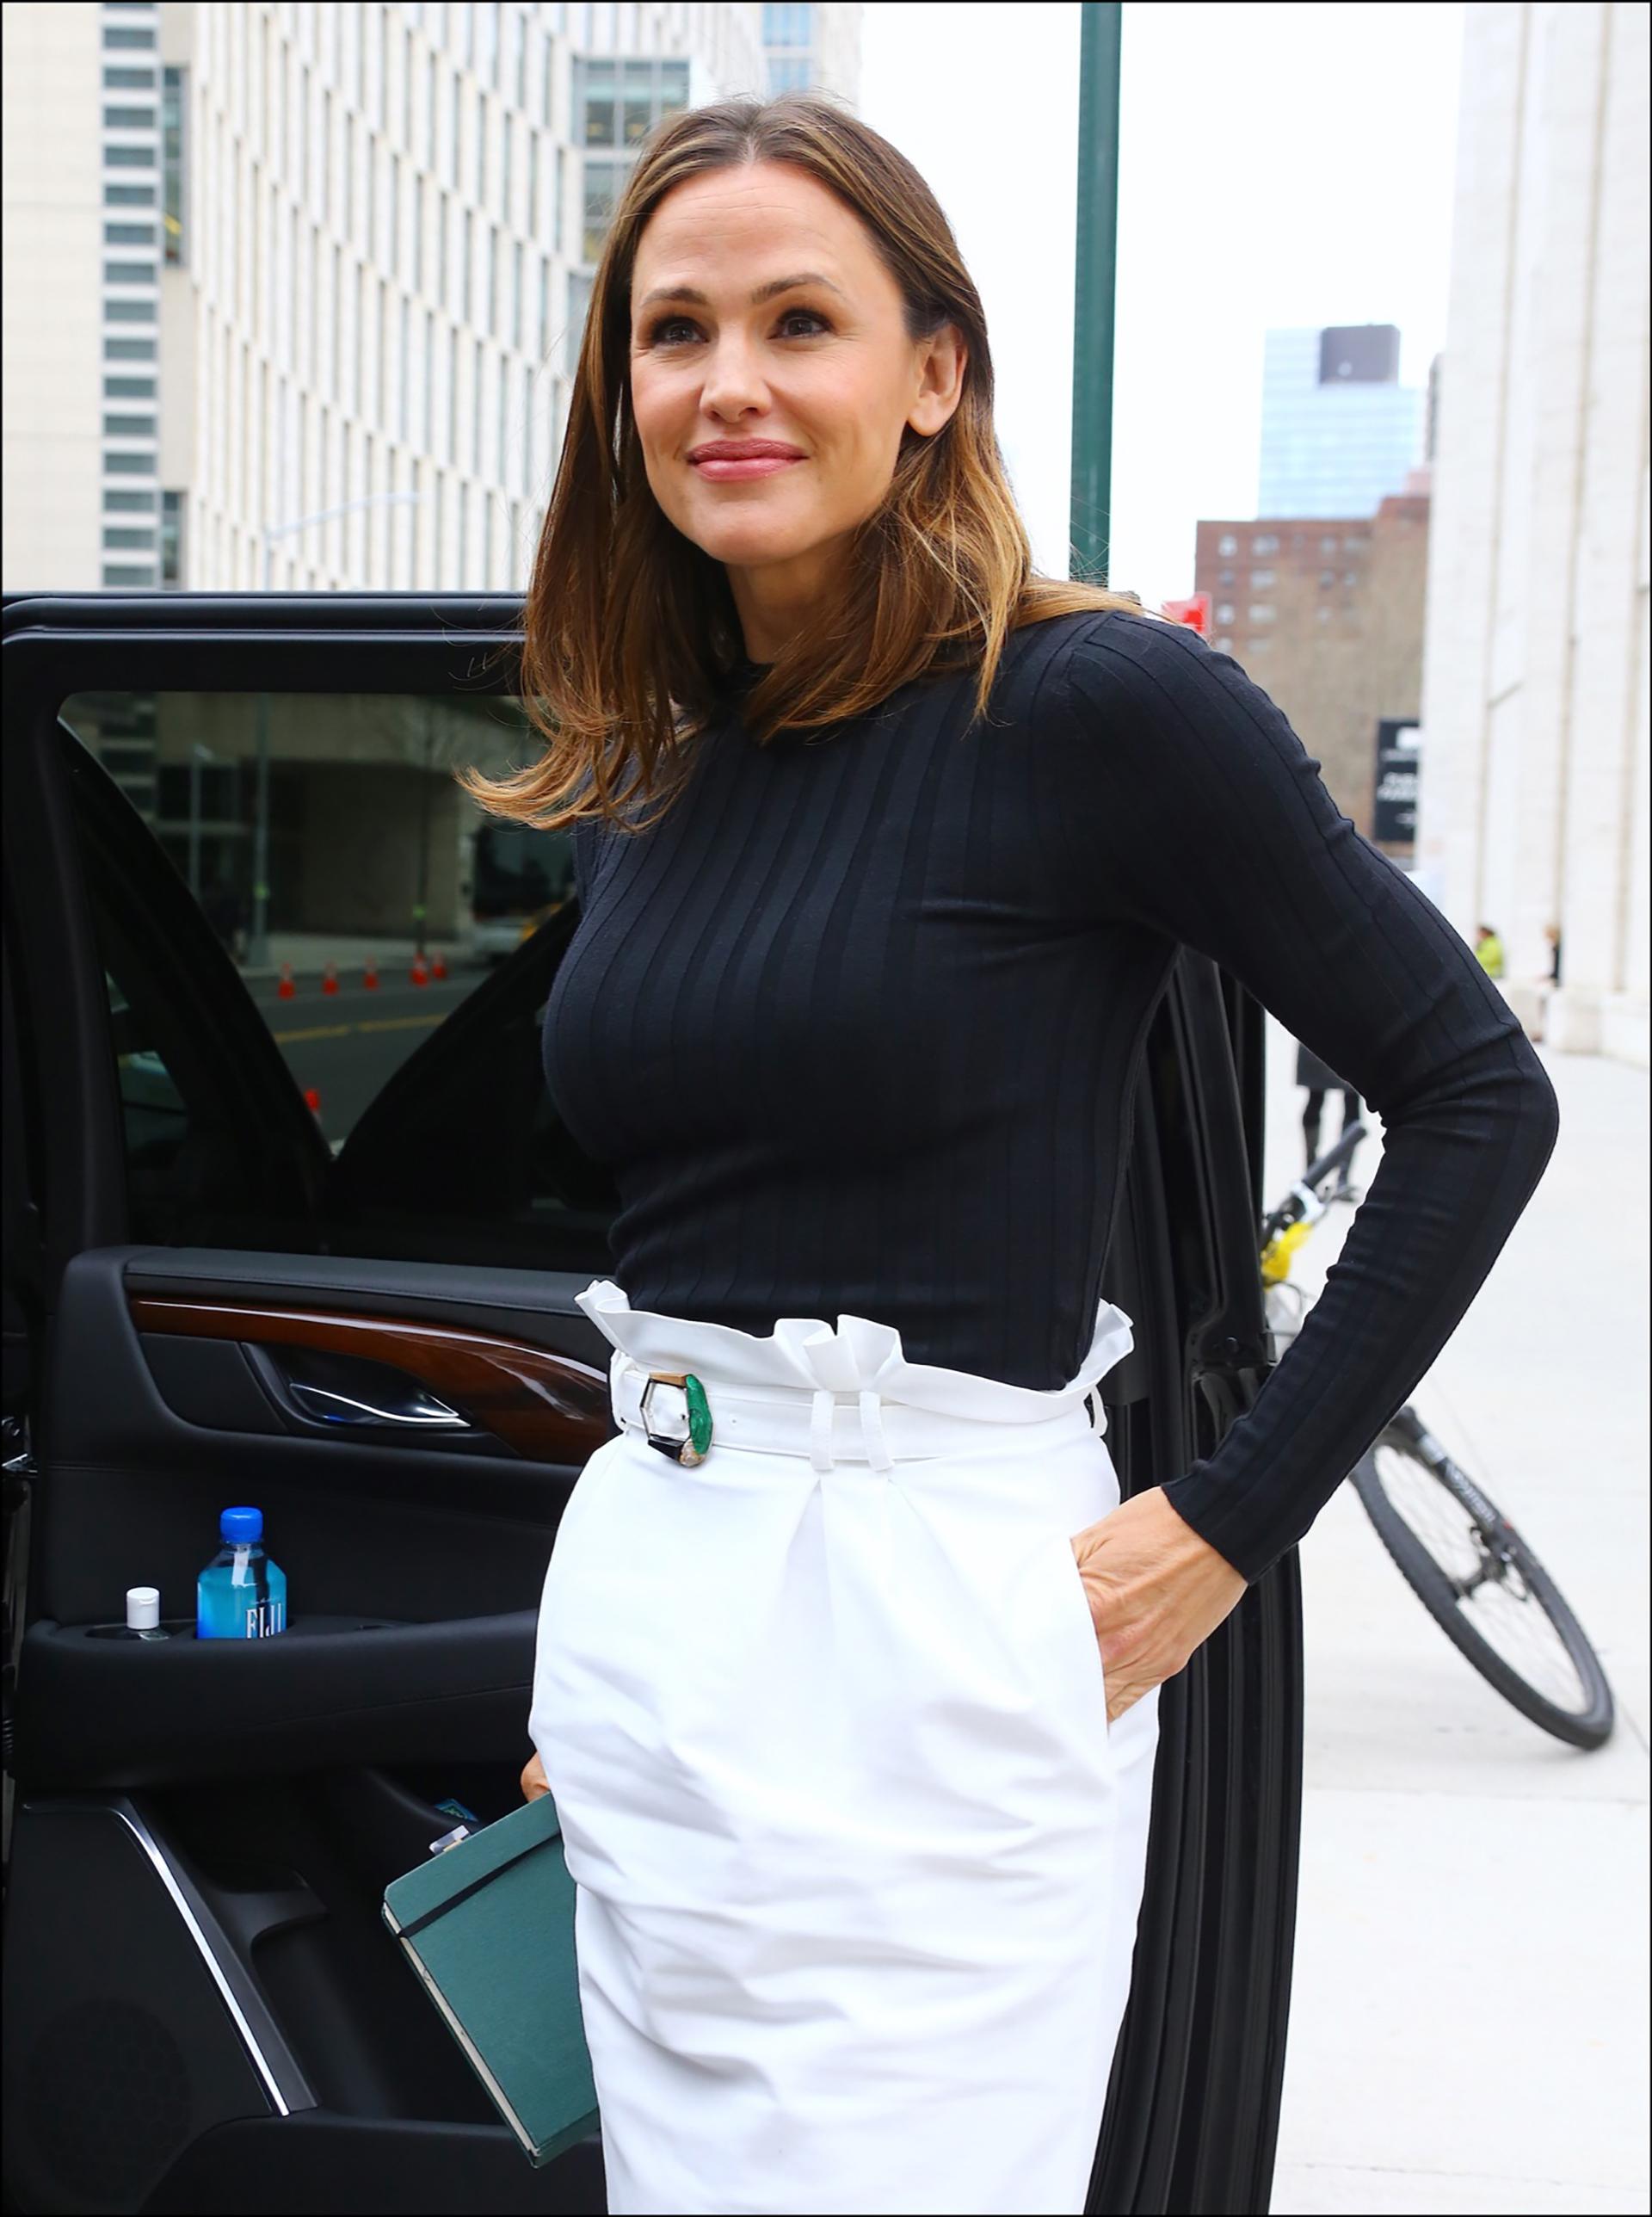 Para compensar la silueta, llama la atención en la falda un cinturón que resalta la cintura.